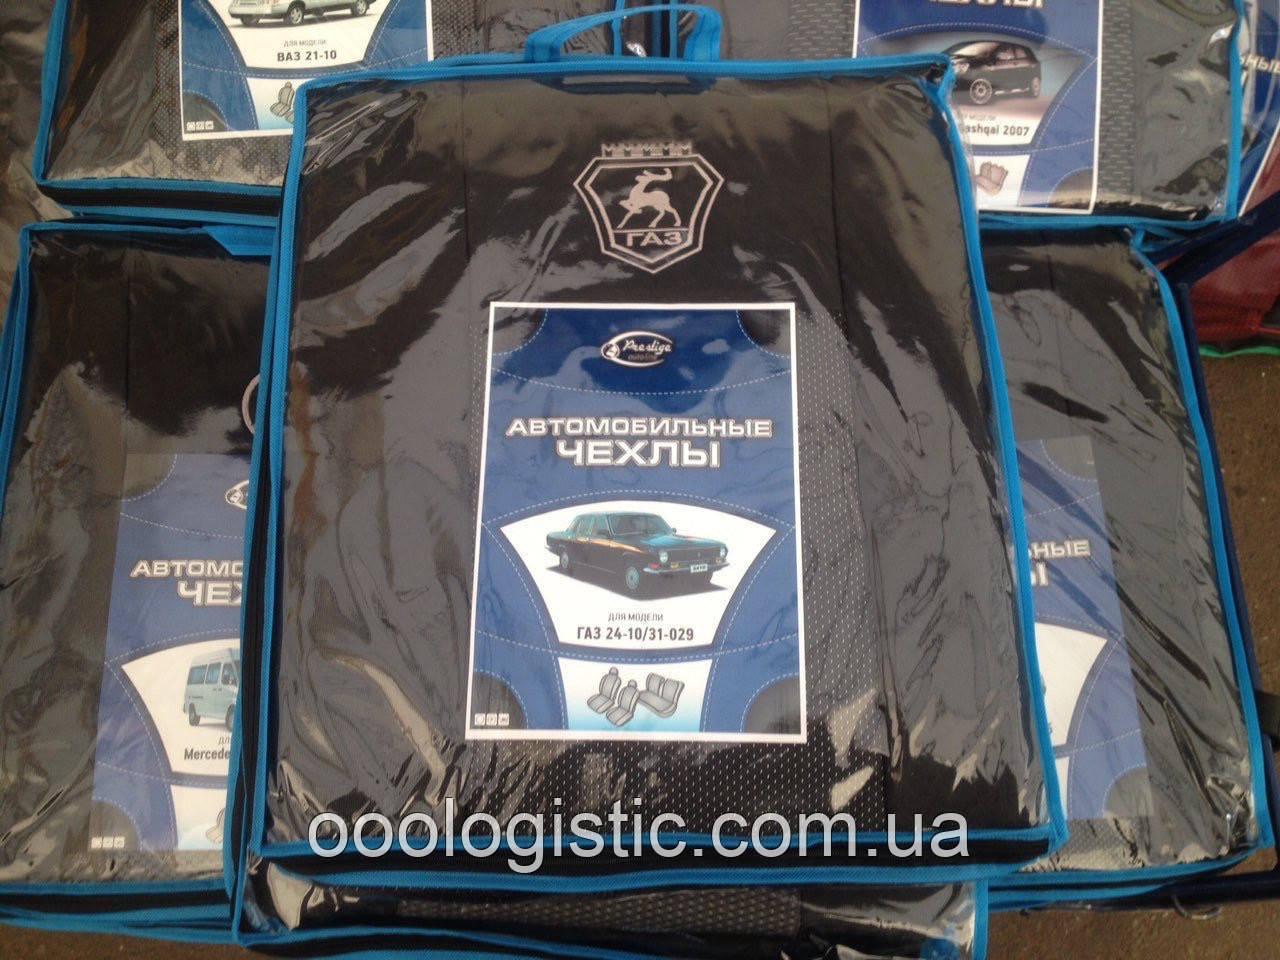 Авточехлы Prestige на ГАЗ 24-10/31-029 модельный комплект